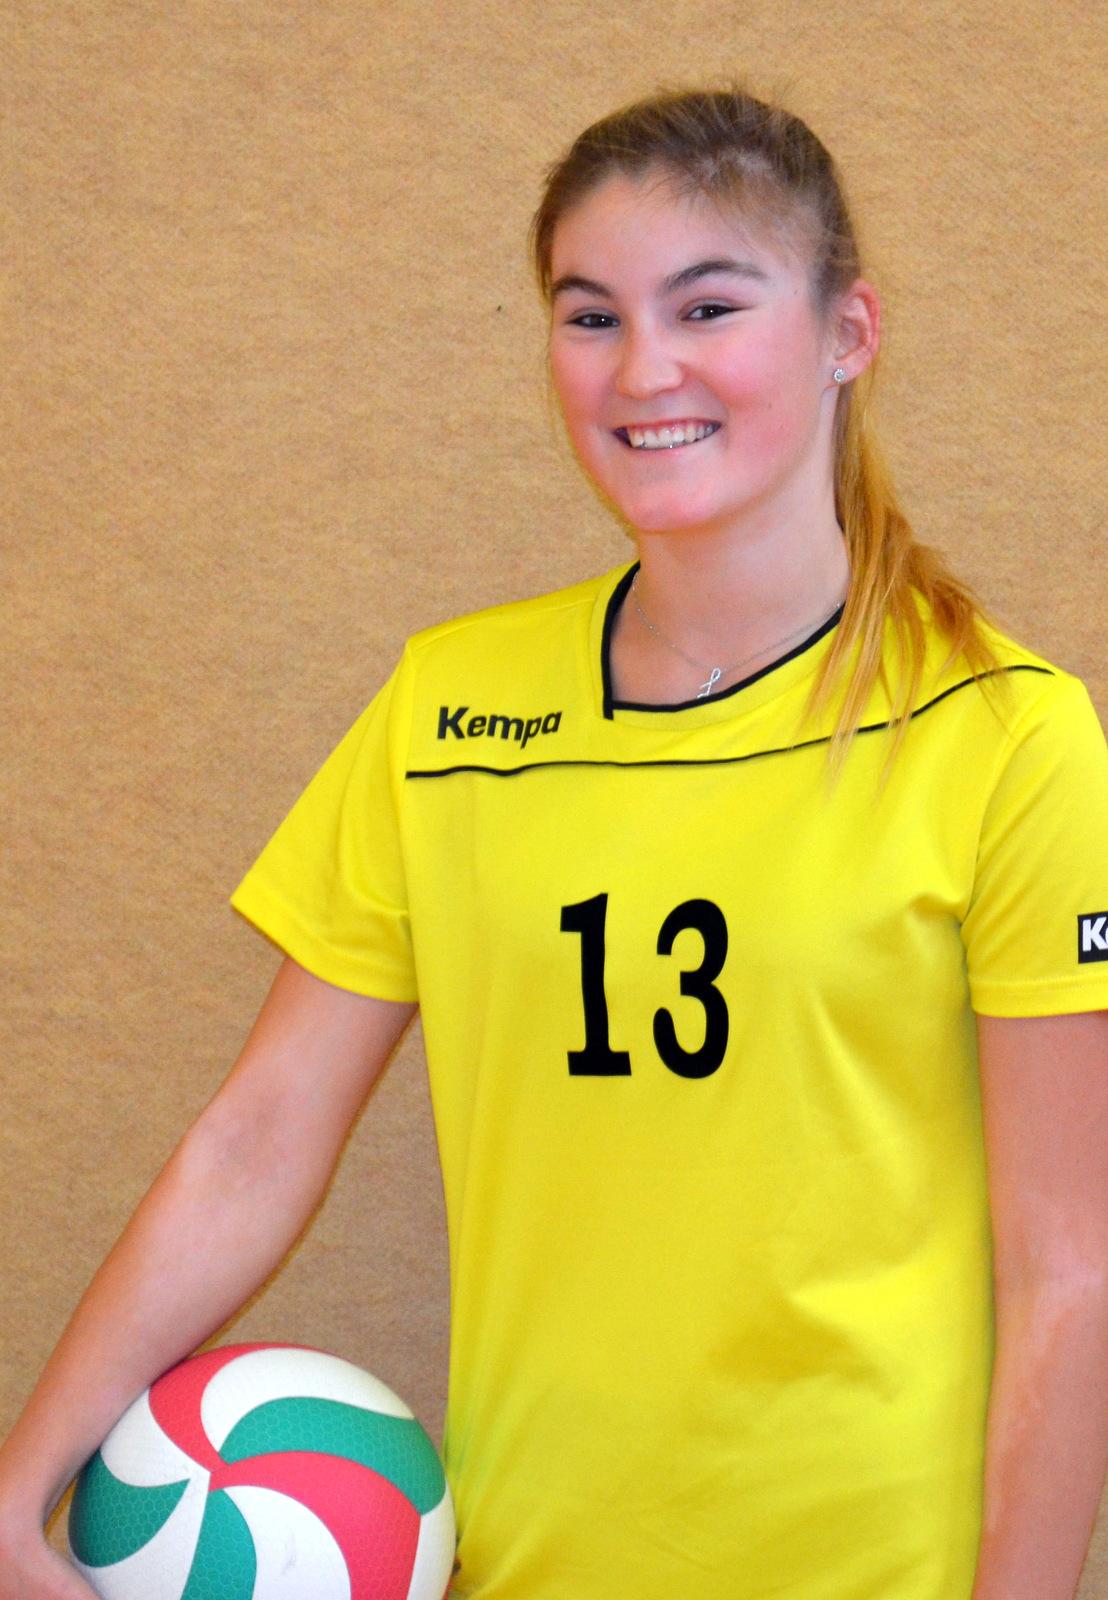 Luisa Ulbrich